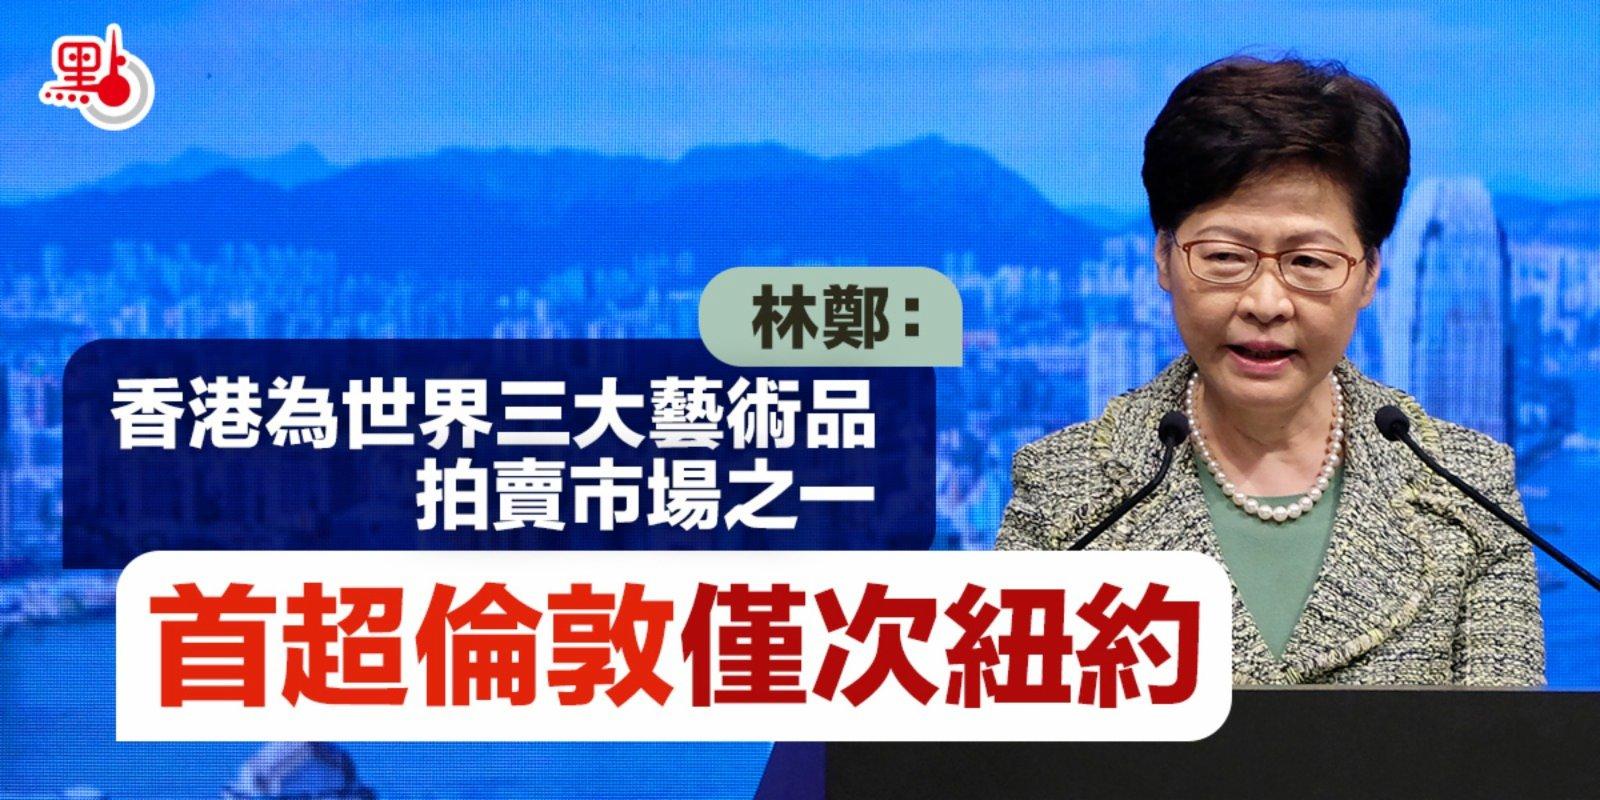 林鄭:香港為世界三大藝術品拍賣市場之一 首超倫敦僅次紐約